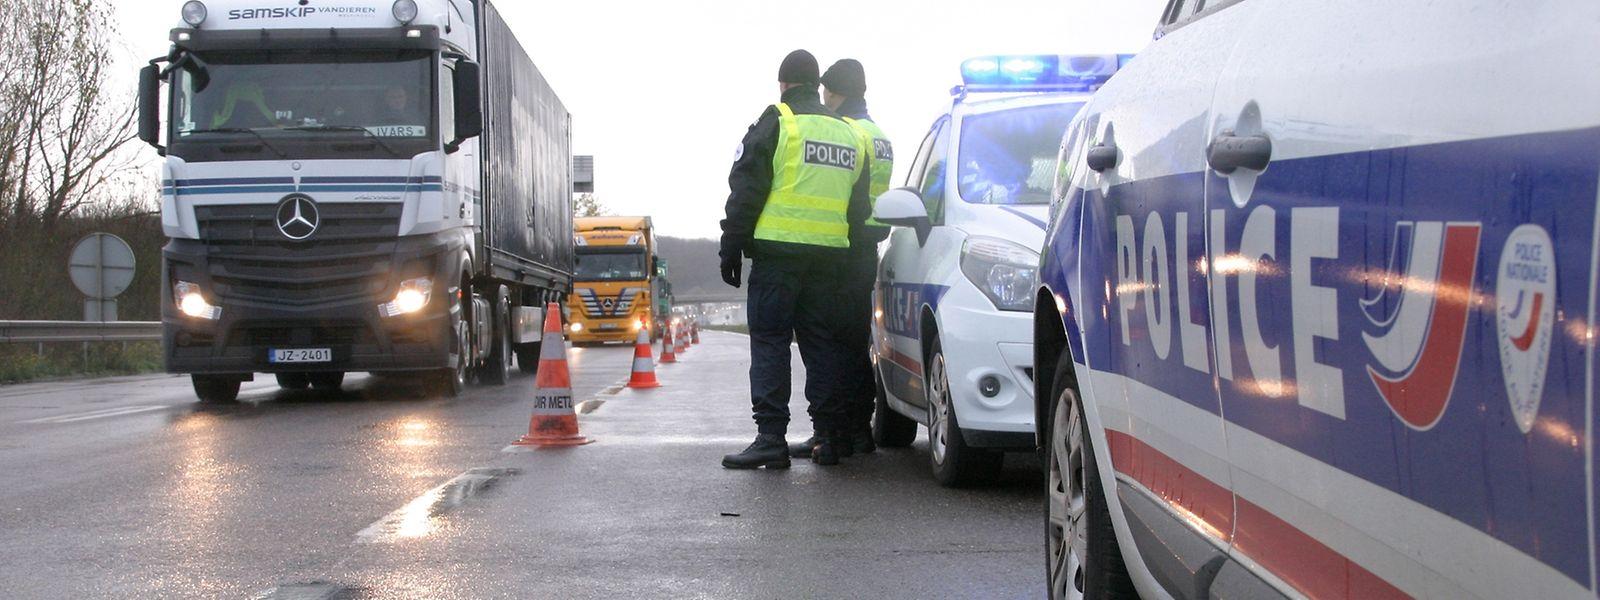 Dès 5 heures mardi matin, les hommes de la police aux frontières (PAF) ont filtré les véhicules à hauteur de l'aire d'Entrange sur l'A31, direction Luxembourg.